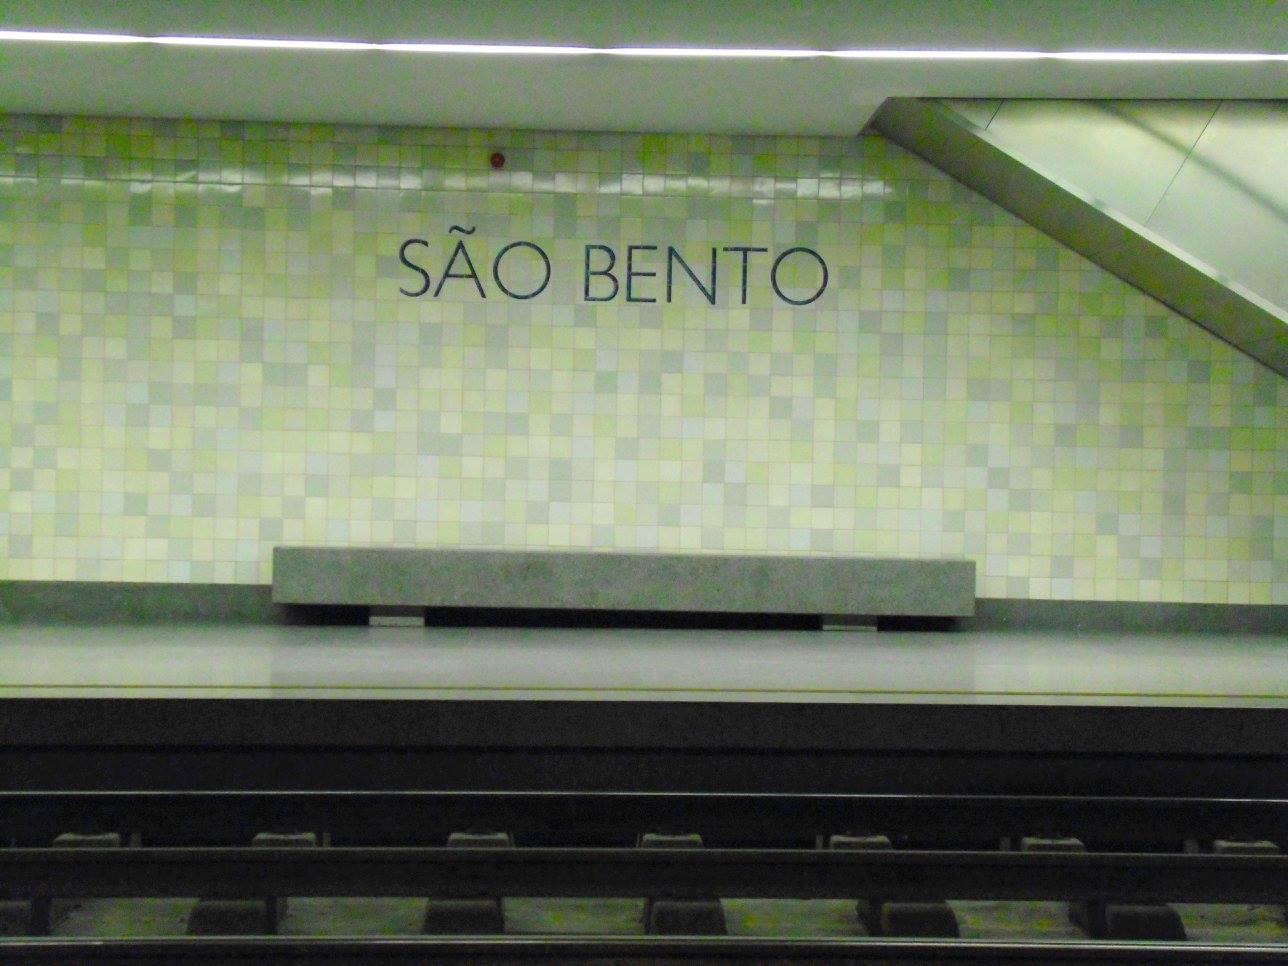 Sao Bento metro station, Porto